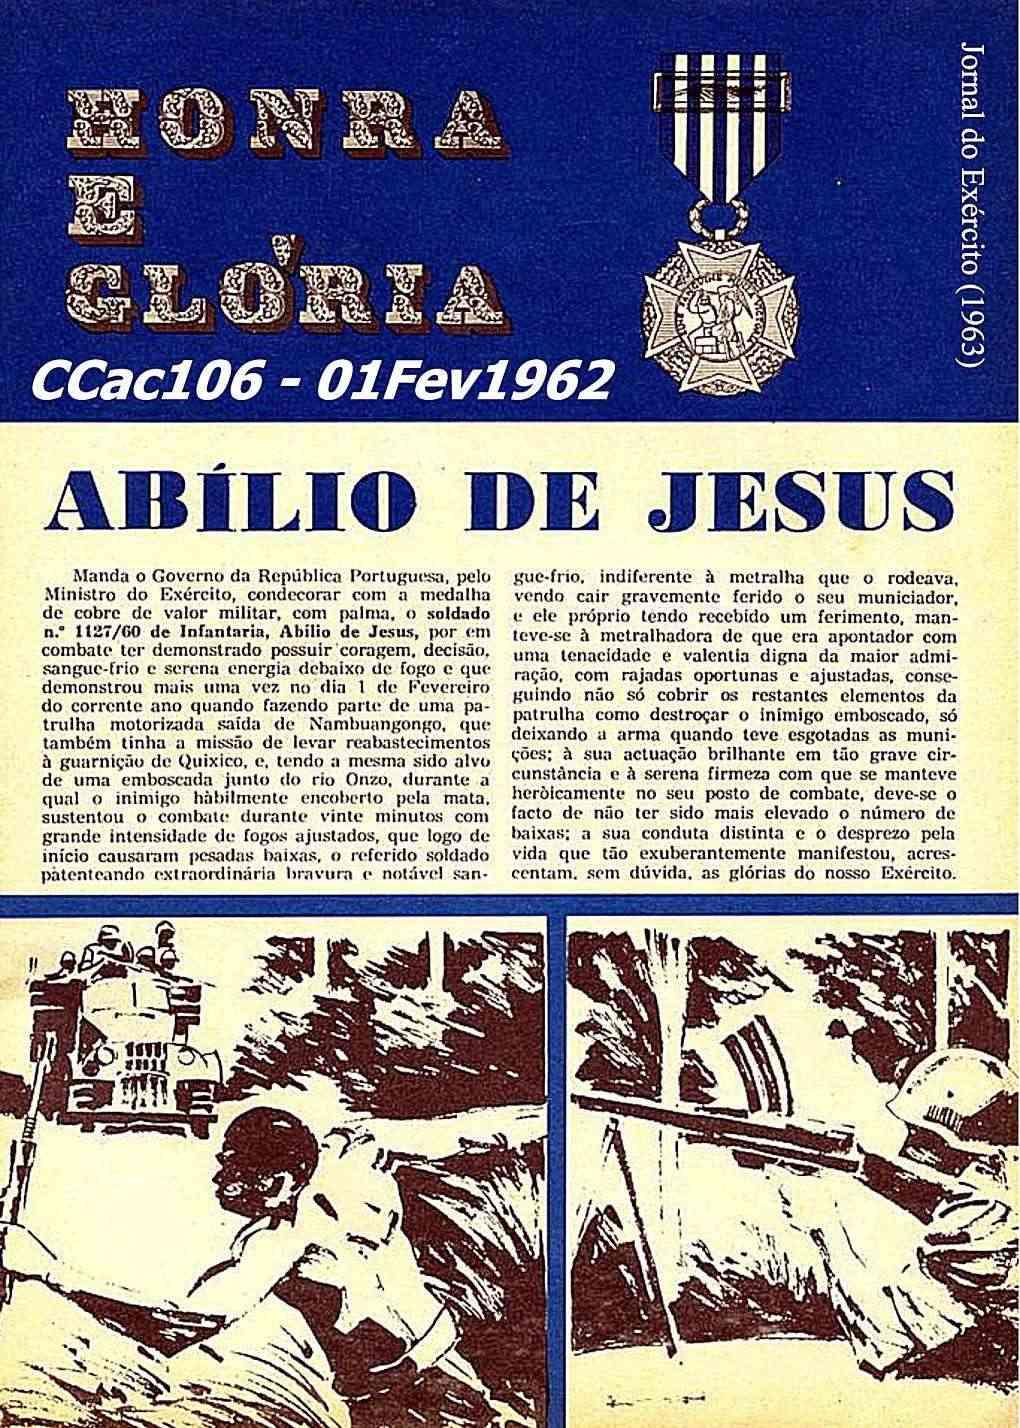 Abílio de Jesus, CCac103/BCac96/RMA: Medalha de Cobre de Valor Militar, com palma  Ccac1011